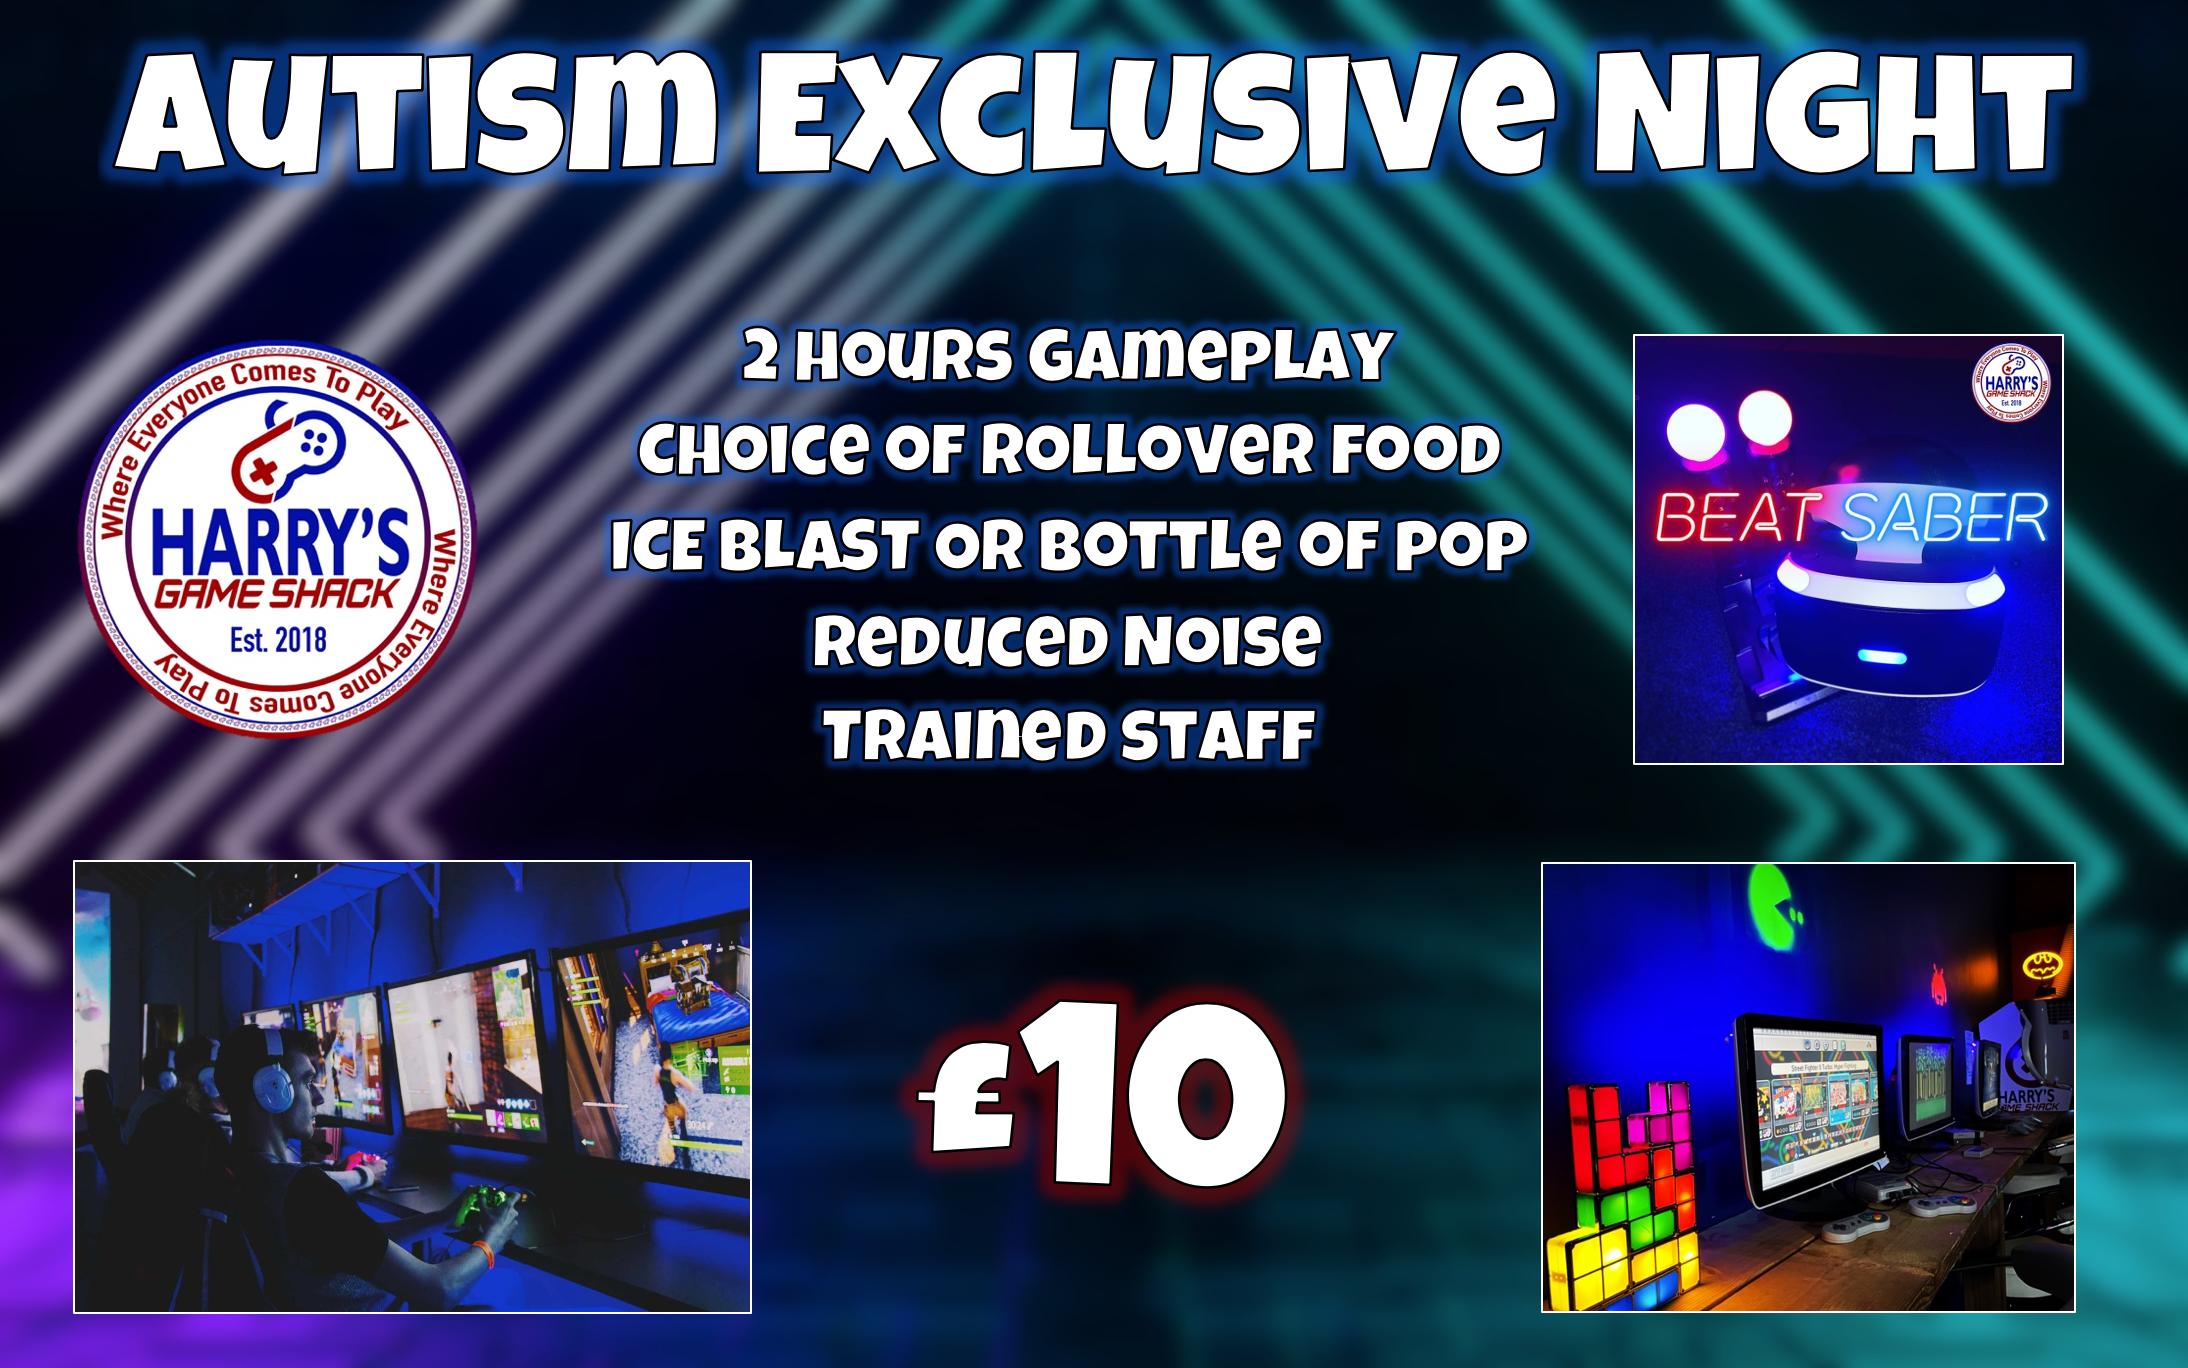 Autsim Exclusive Night